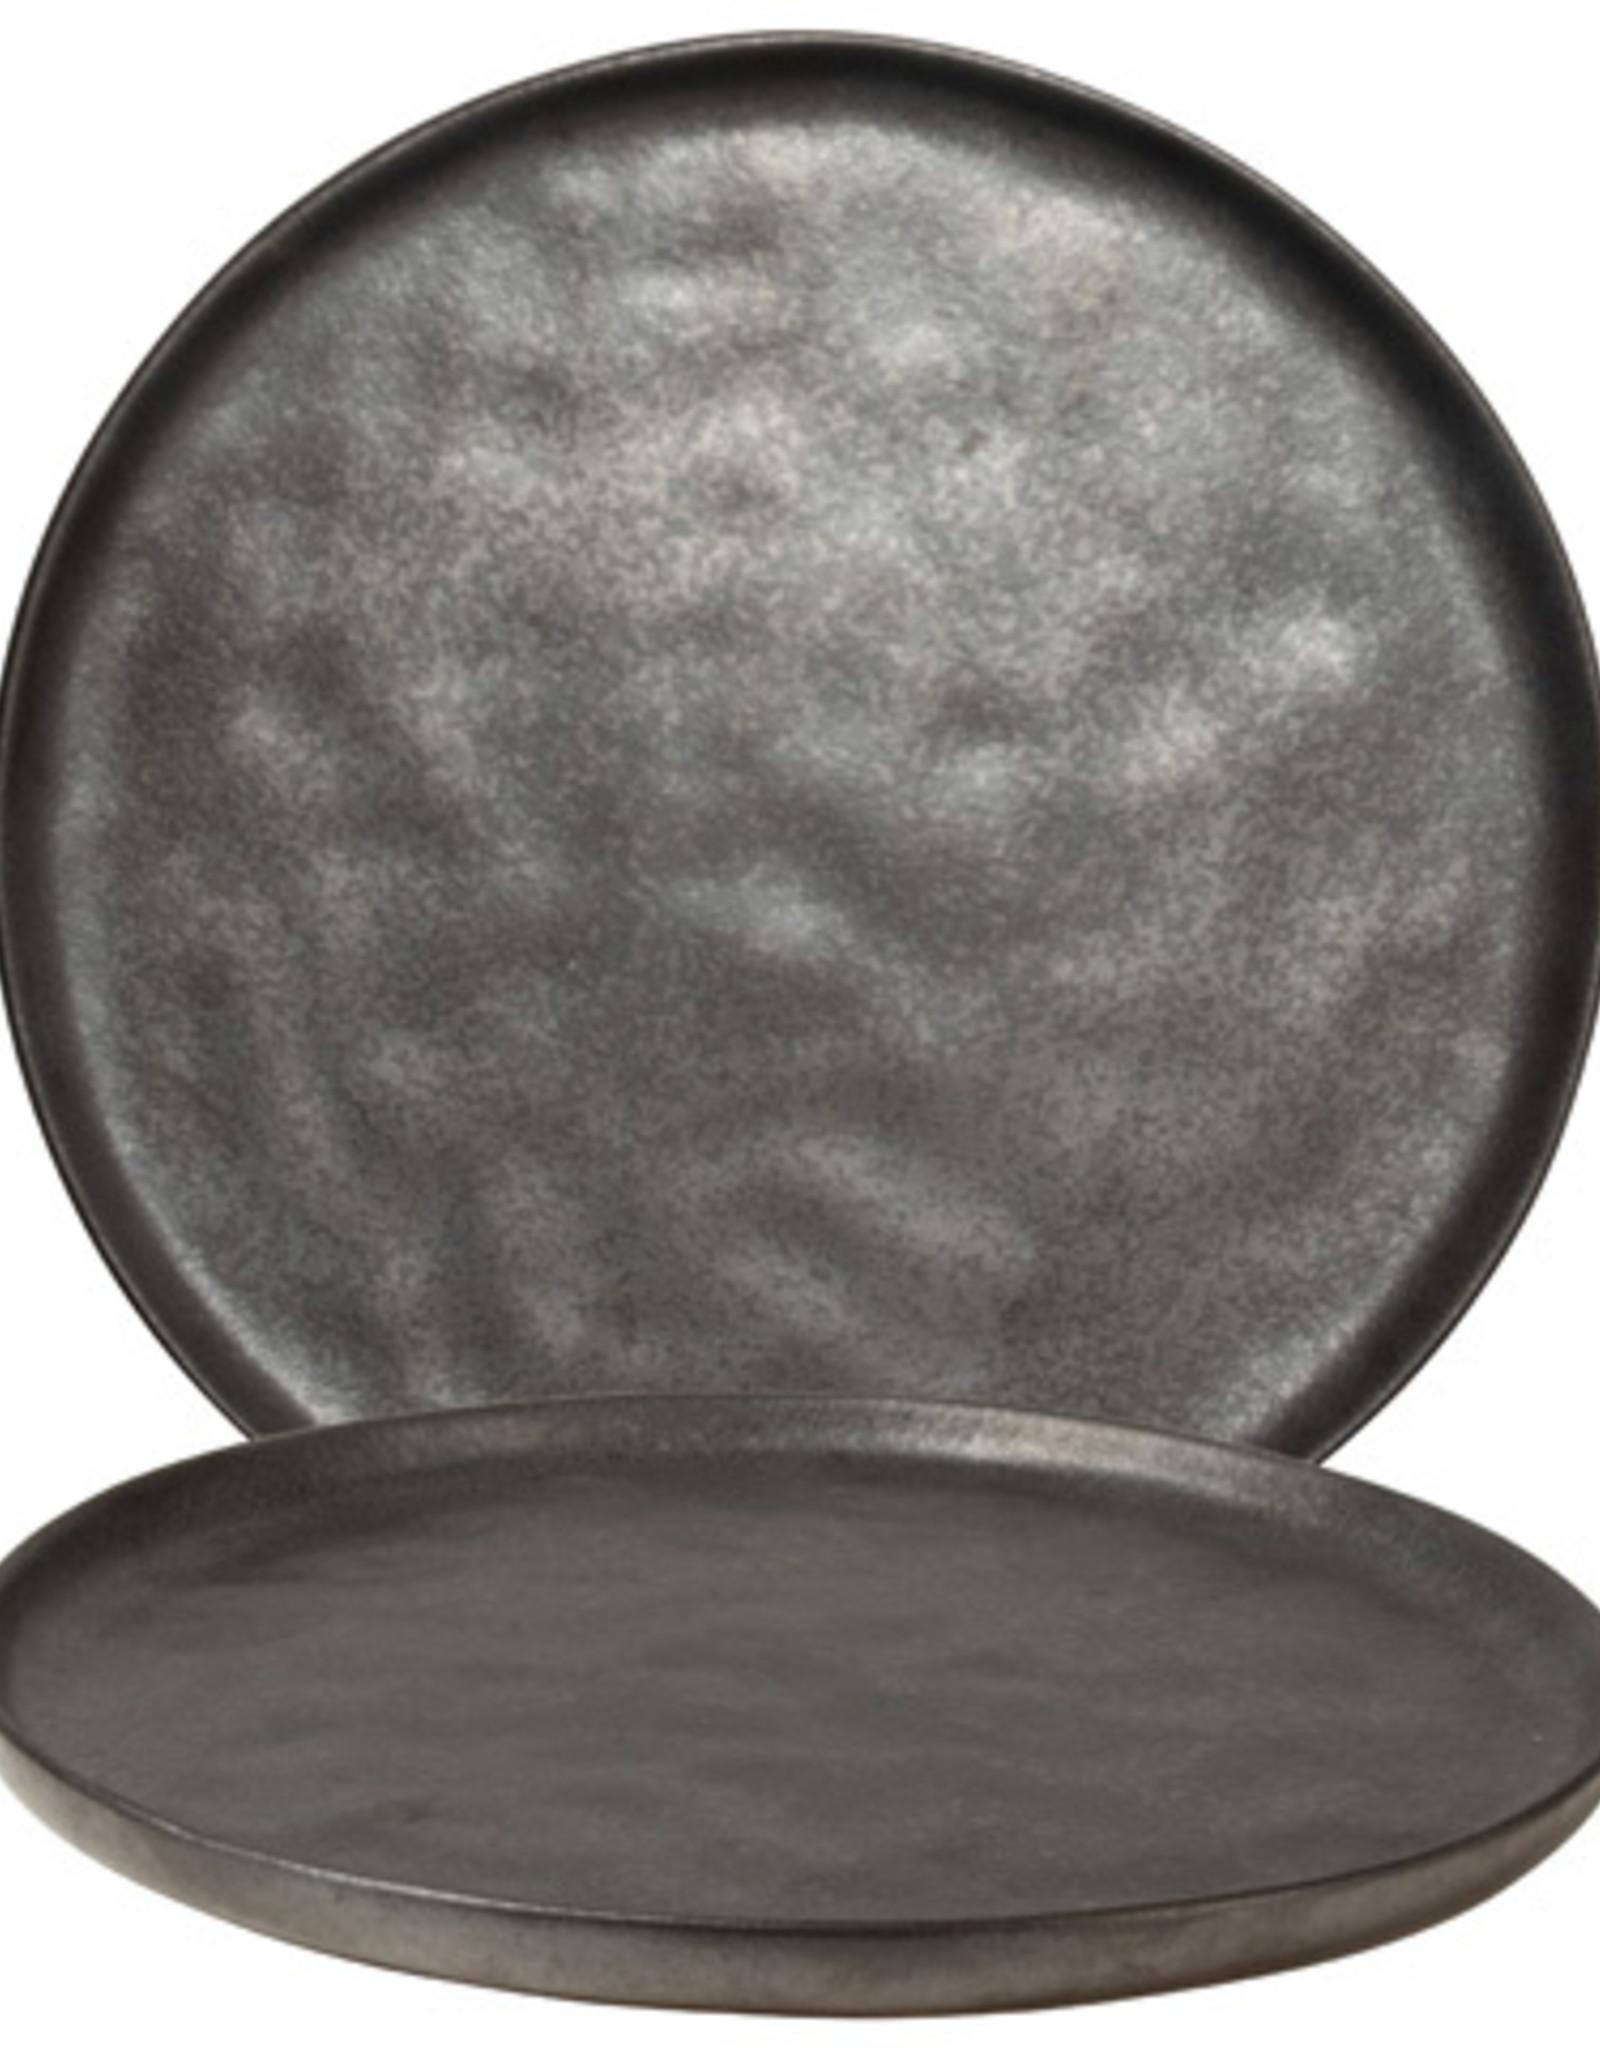 Gusta Bordt dia 20x5cm Zwart TT Shimmer